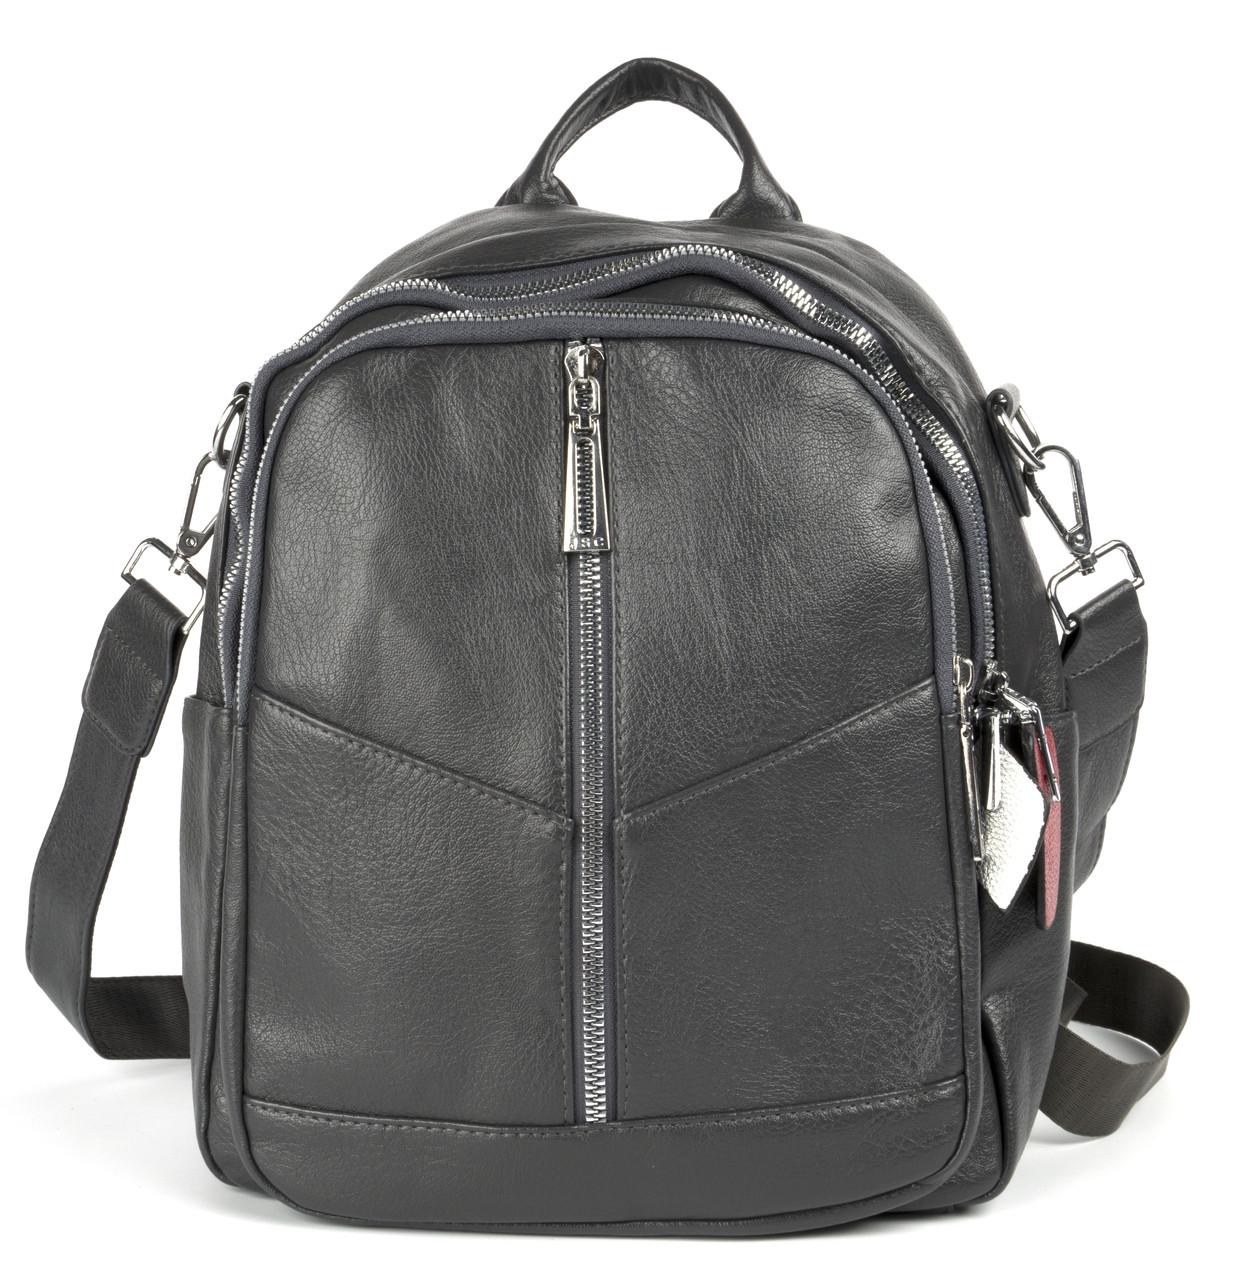 Міцний оригінальний жіночий рюкзак Jinsichong art. 718-11 сірий